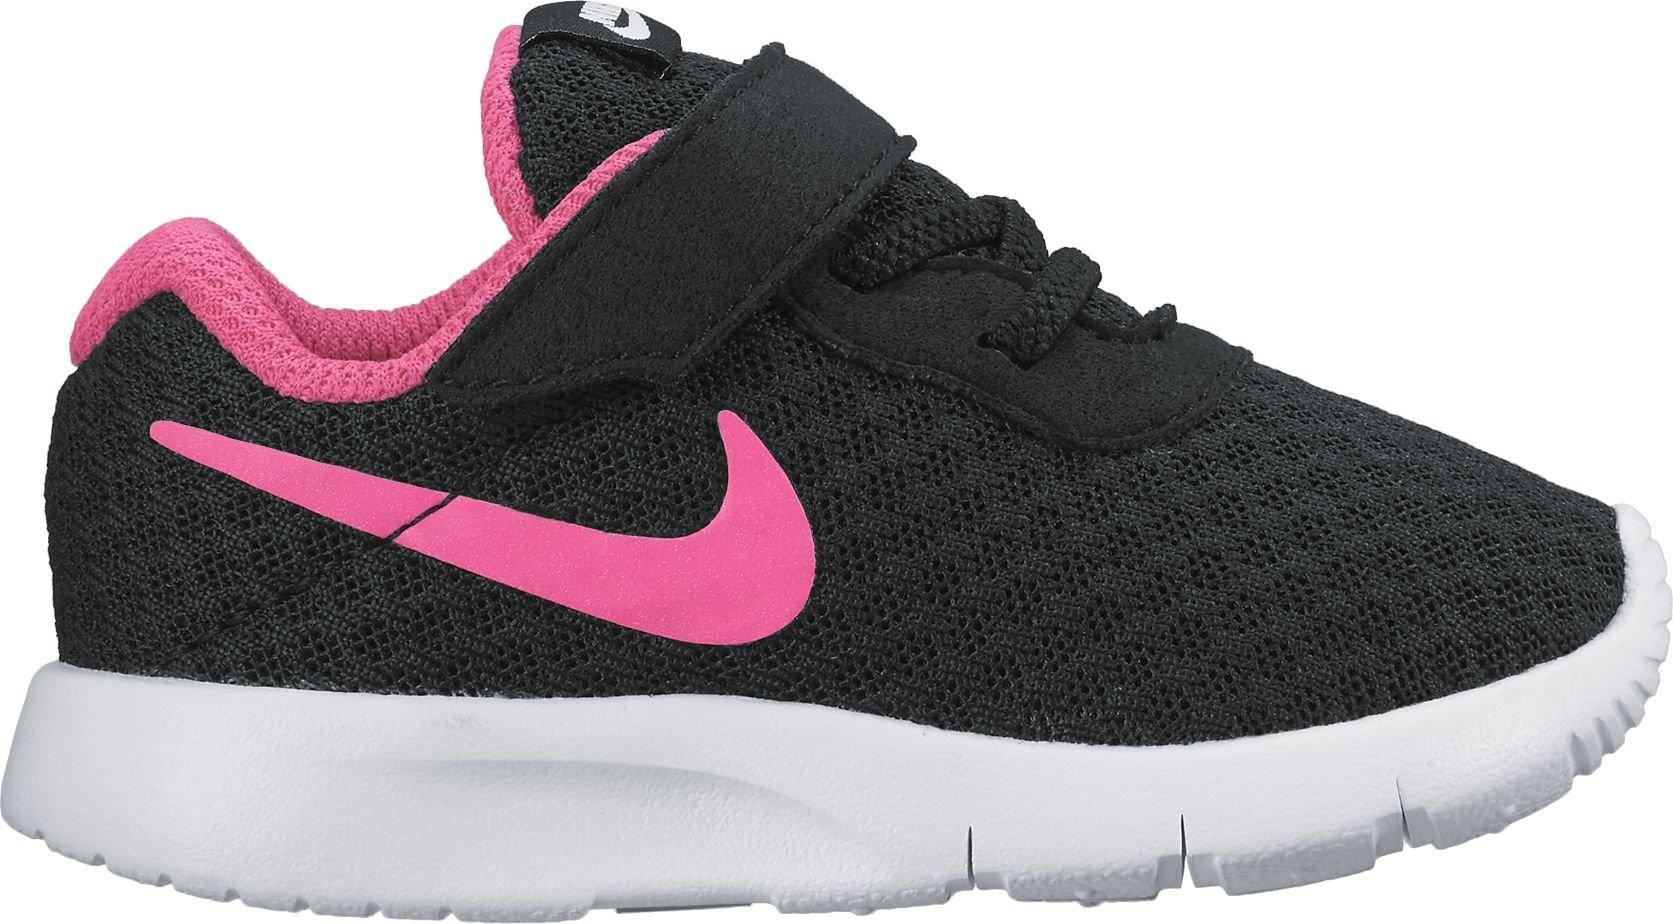 Nike 818386-061: Girl's Tanjun Black/Hyper Pink/White Sneaker (4 M US Toddler)